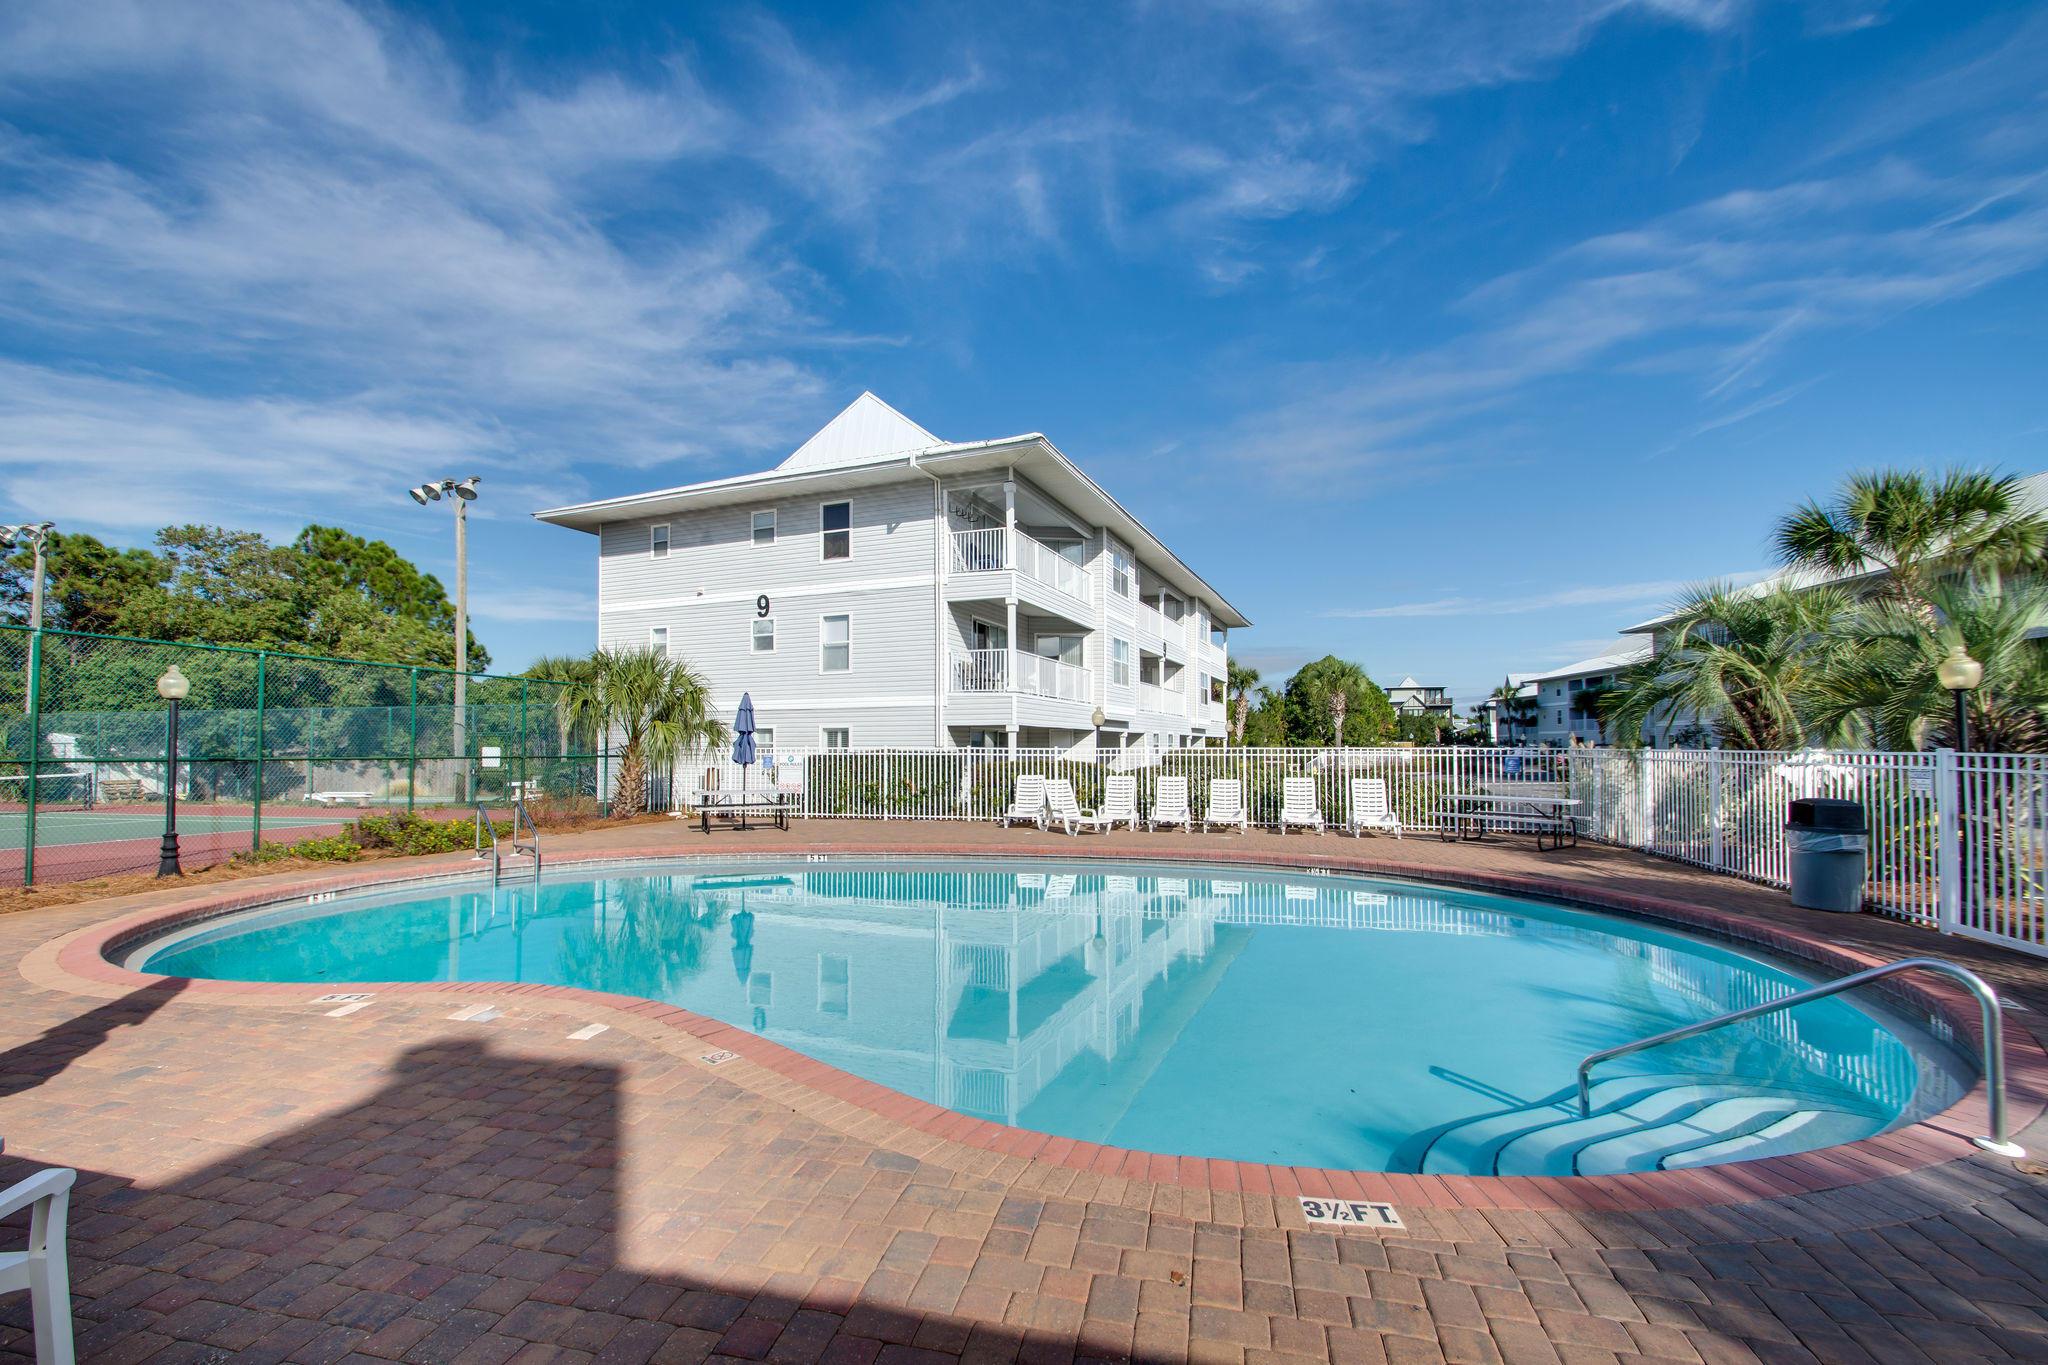 11 Beachside Drive 1213, Santa Rosa Beach, FL 32459